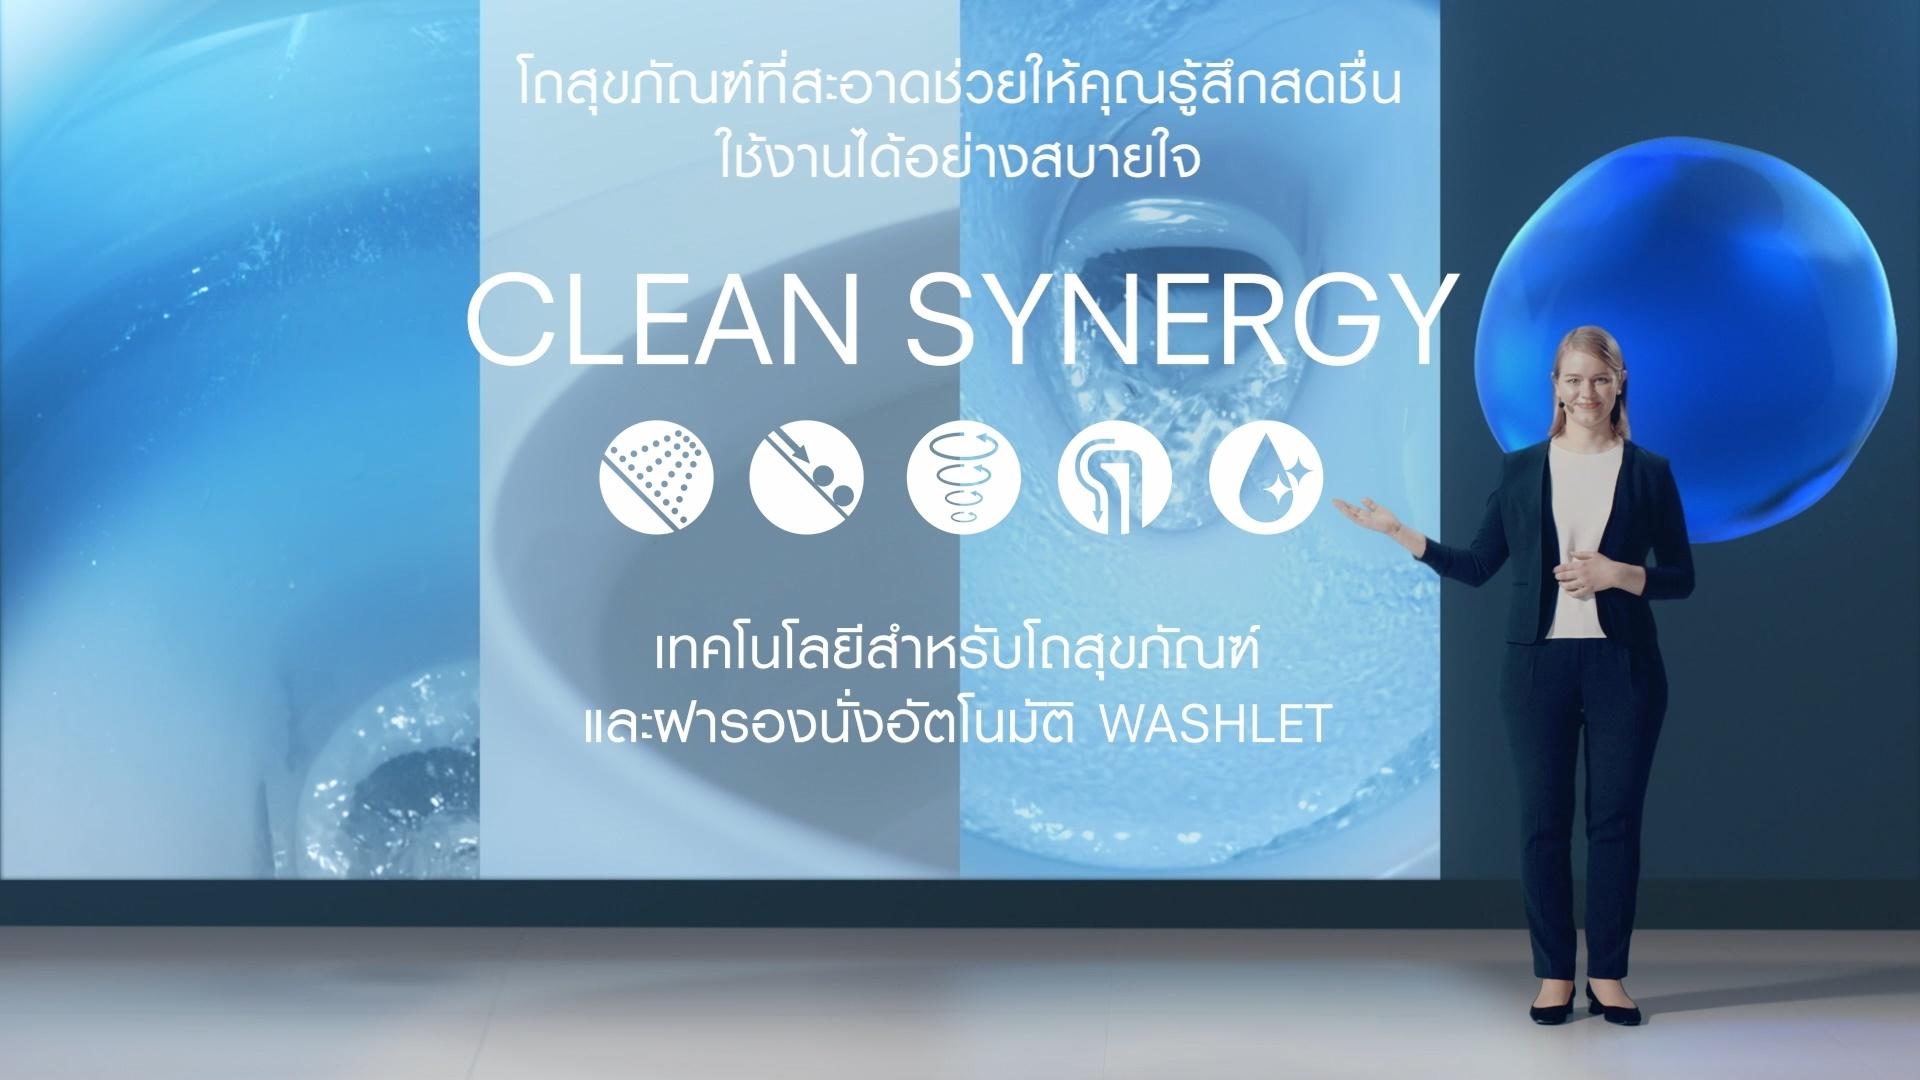 (Video) CLEAN SYNERGY (MC Thai Version)